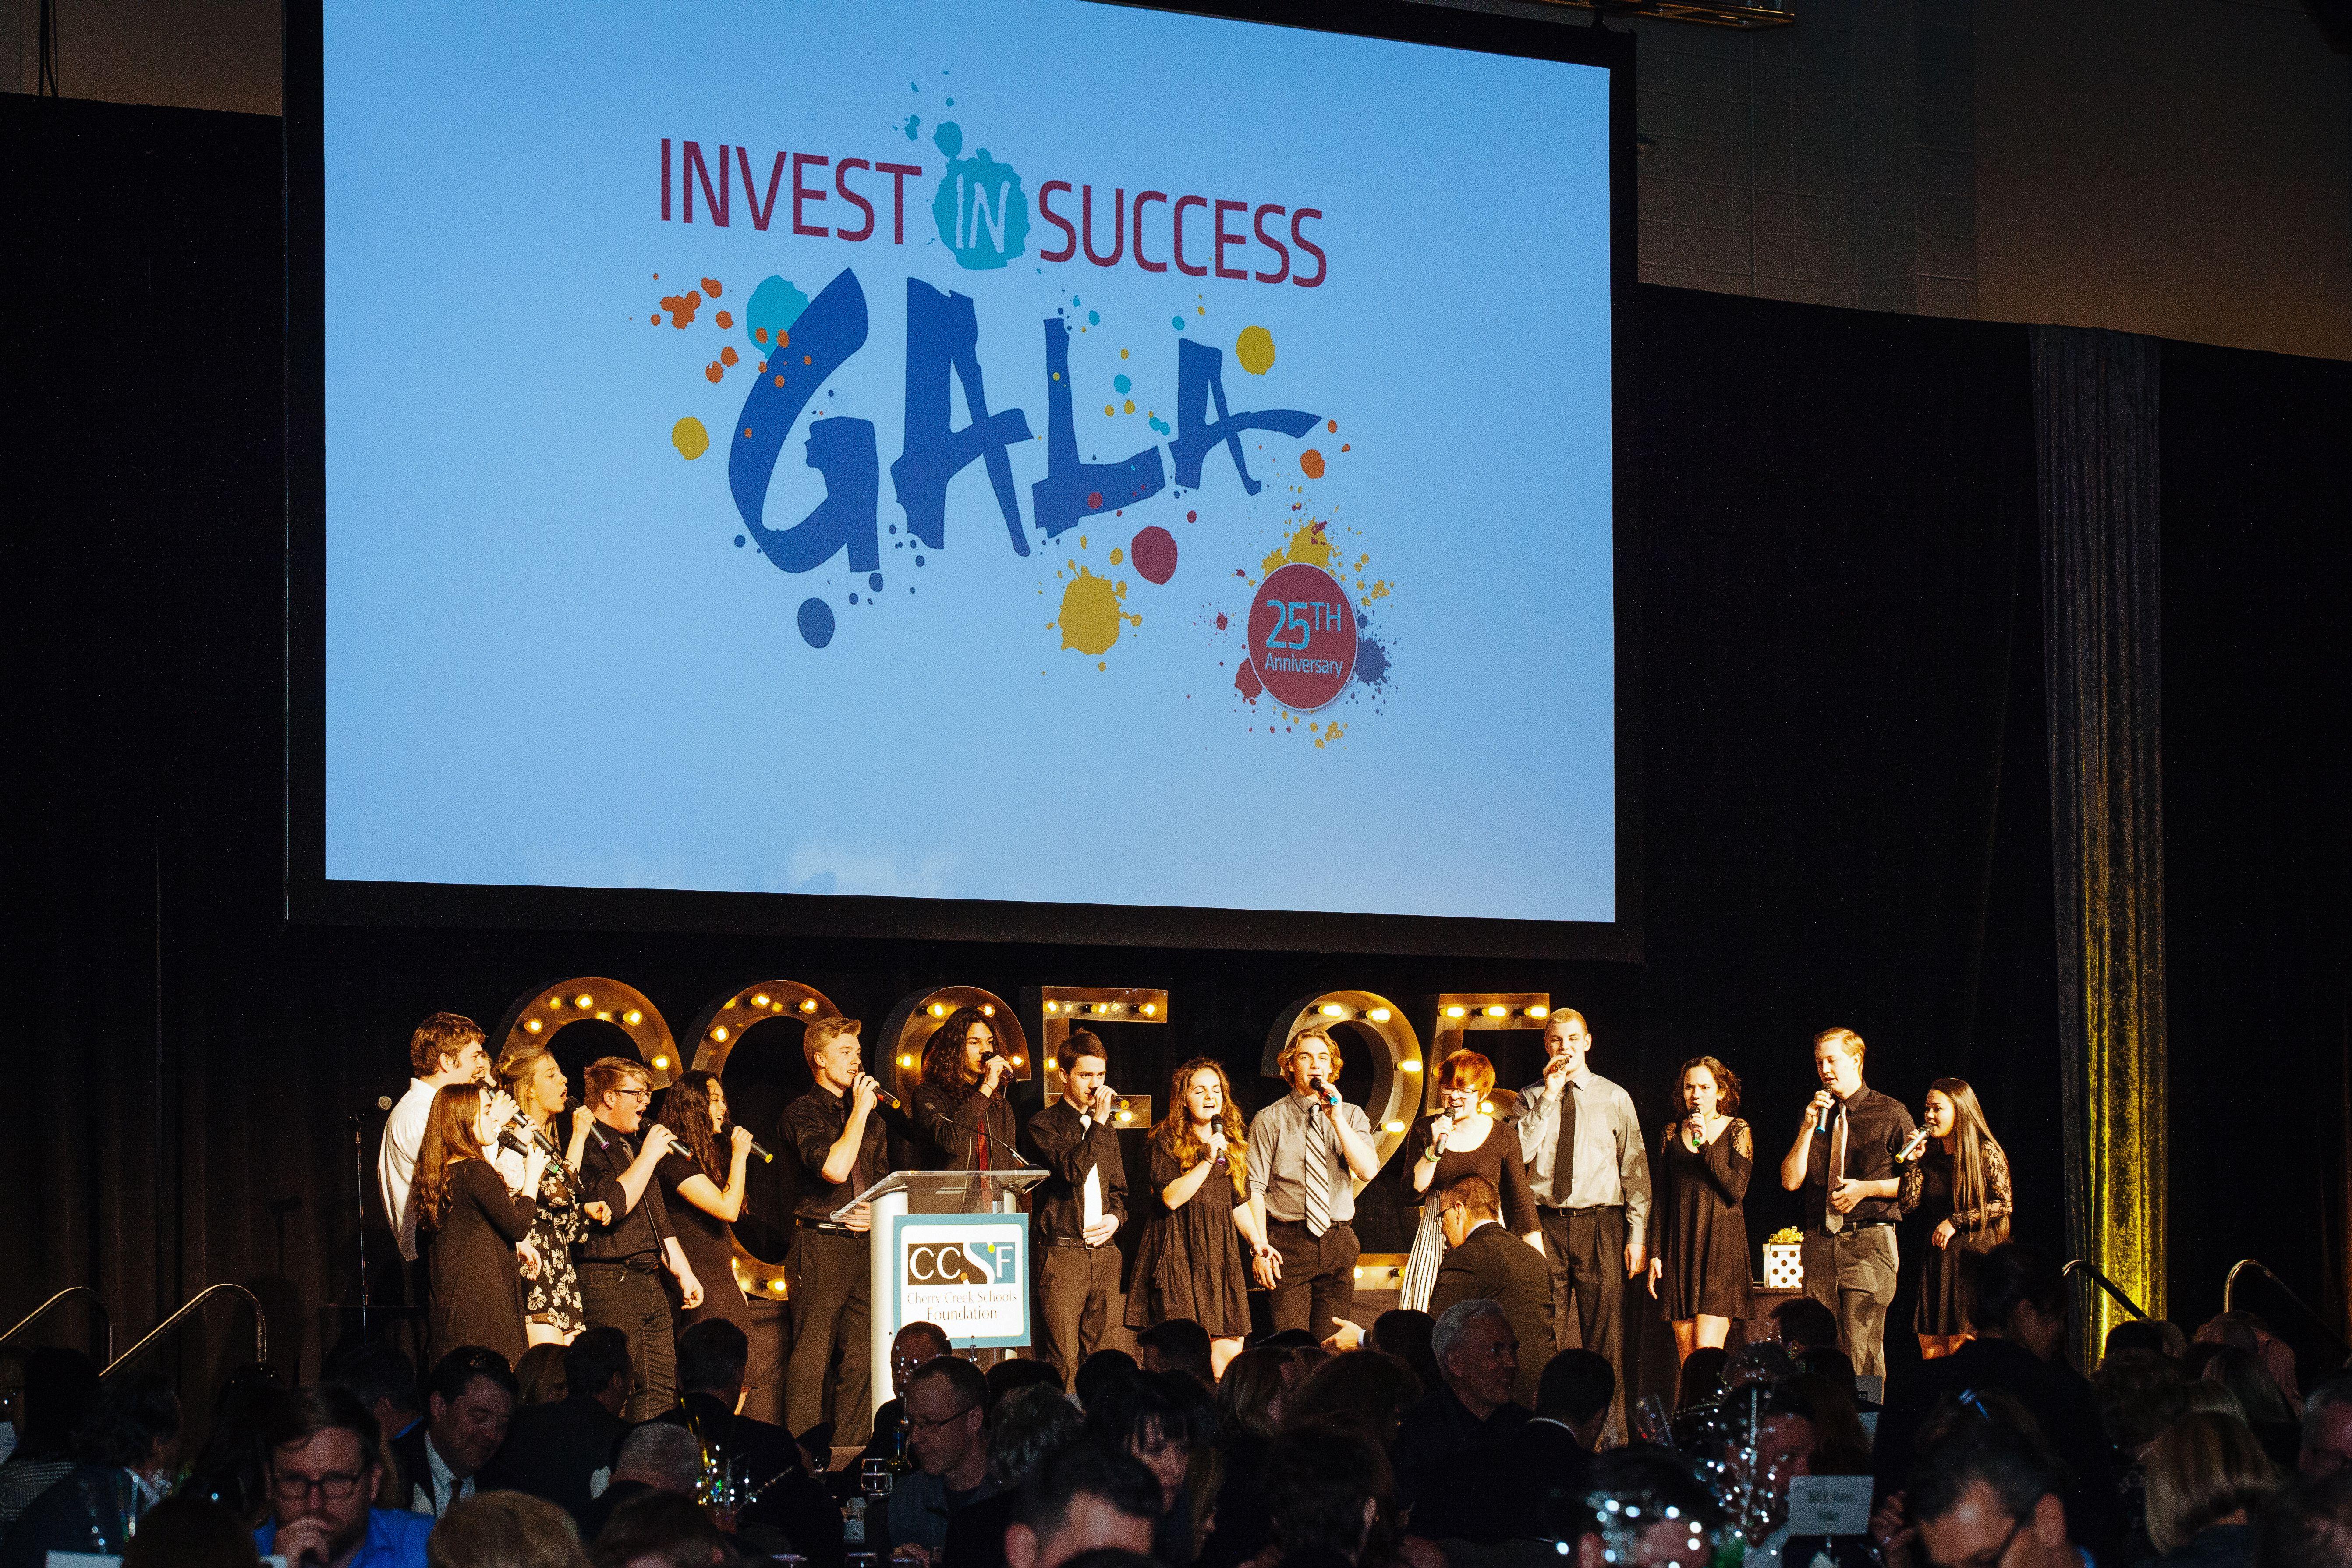 CCSF's 25th anniversary gala celebrates past, present, future of district